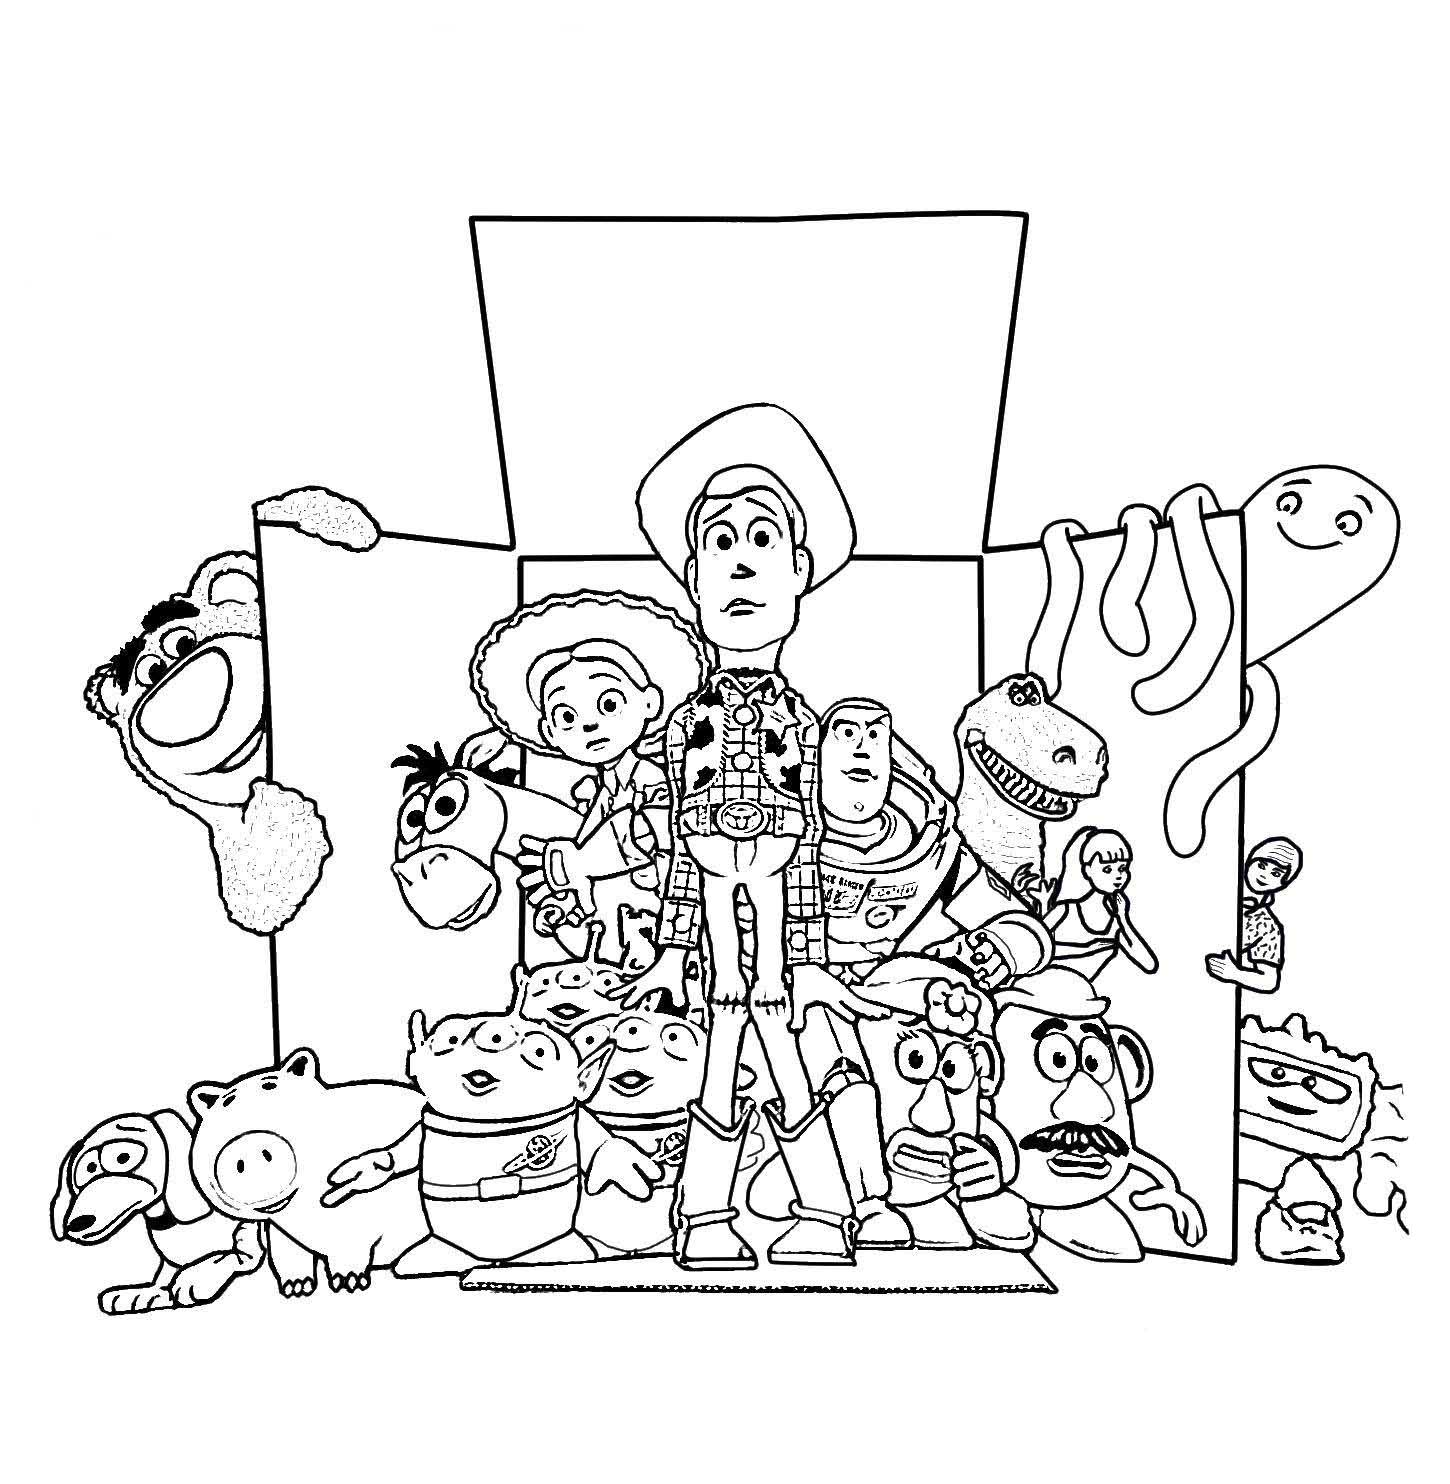 Раскраски История игрушек - детские раскраски распечатать ...